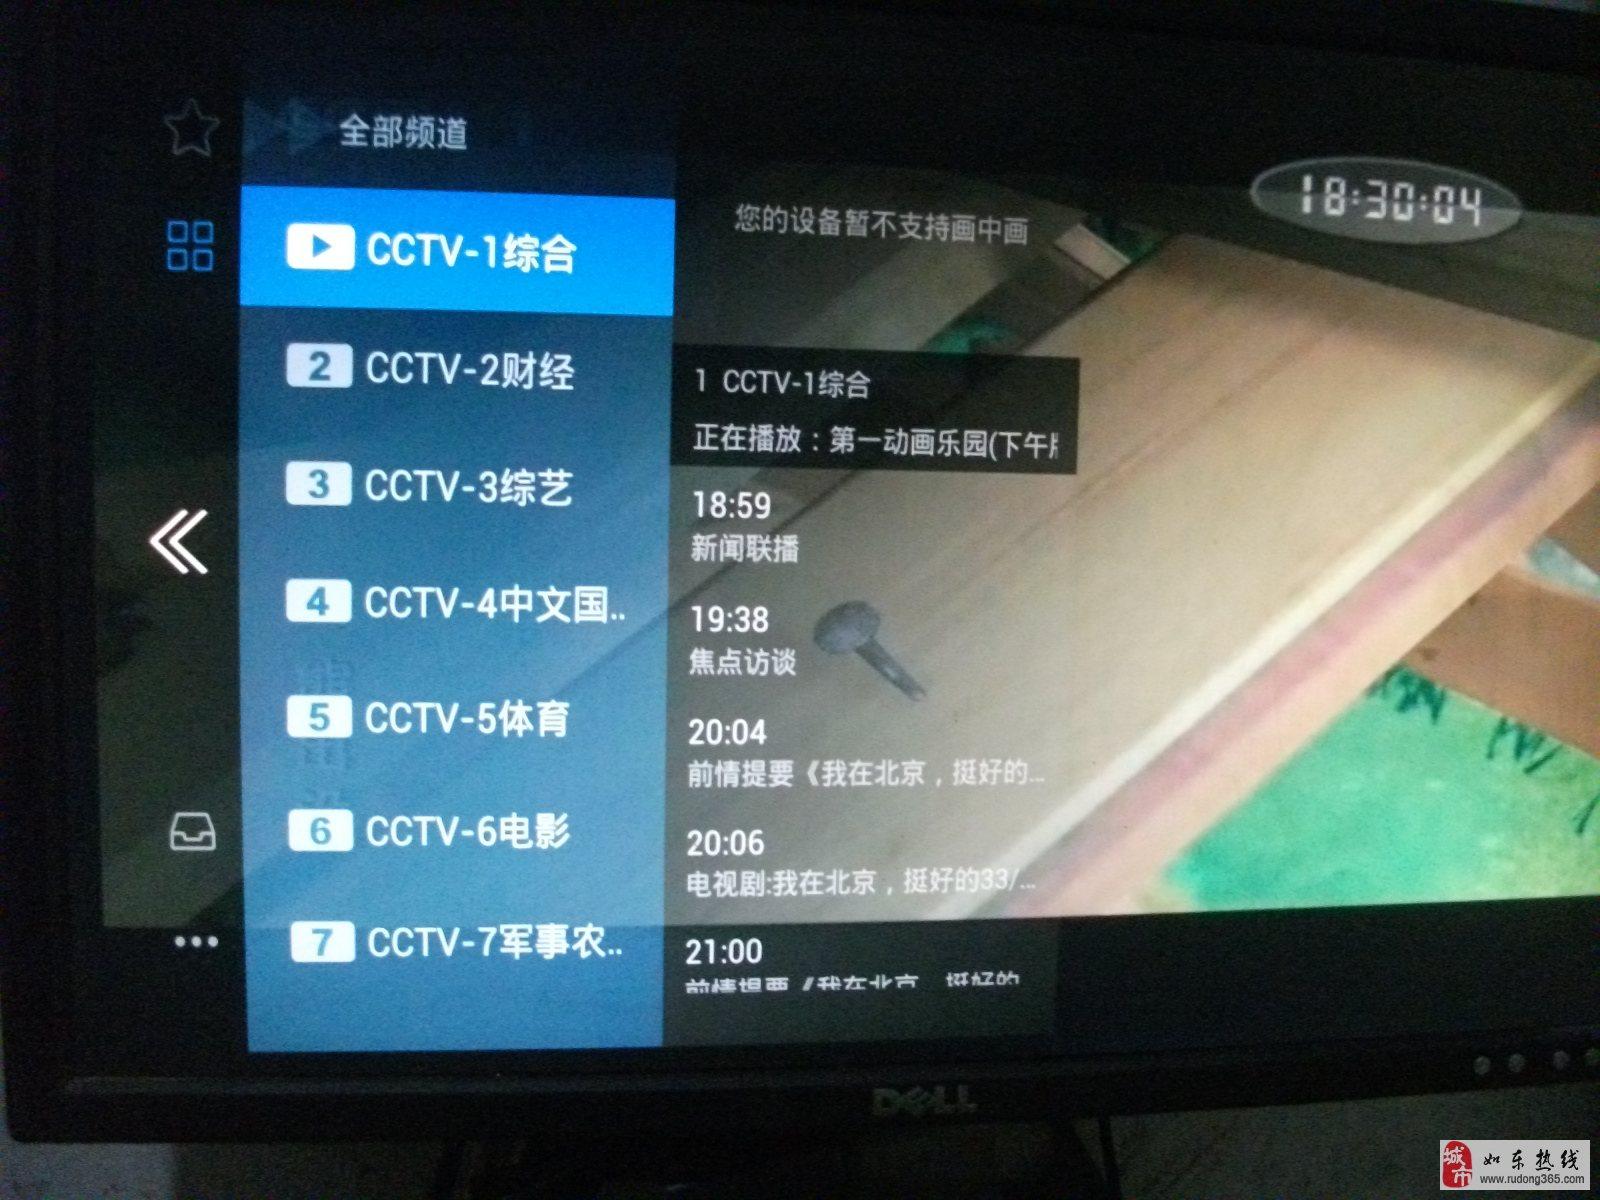 移动小红百事通网络机顶盒破解,可以安装第三方软件